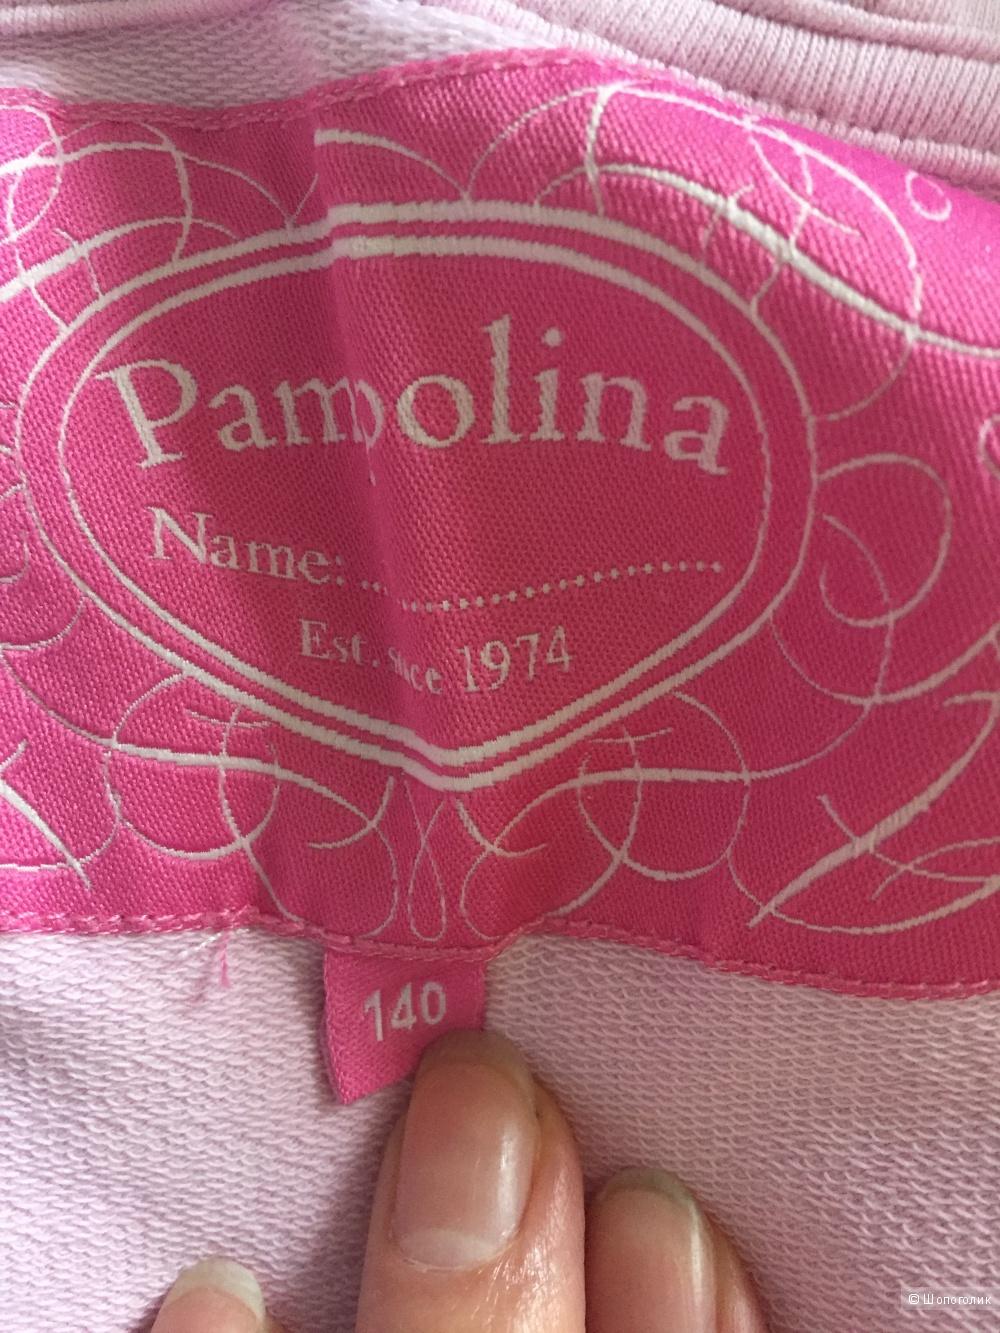 Хлопковая толстовка ф.Pampolina 140 разм